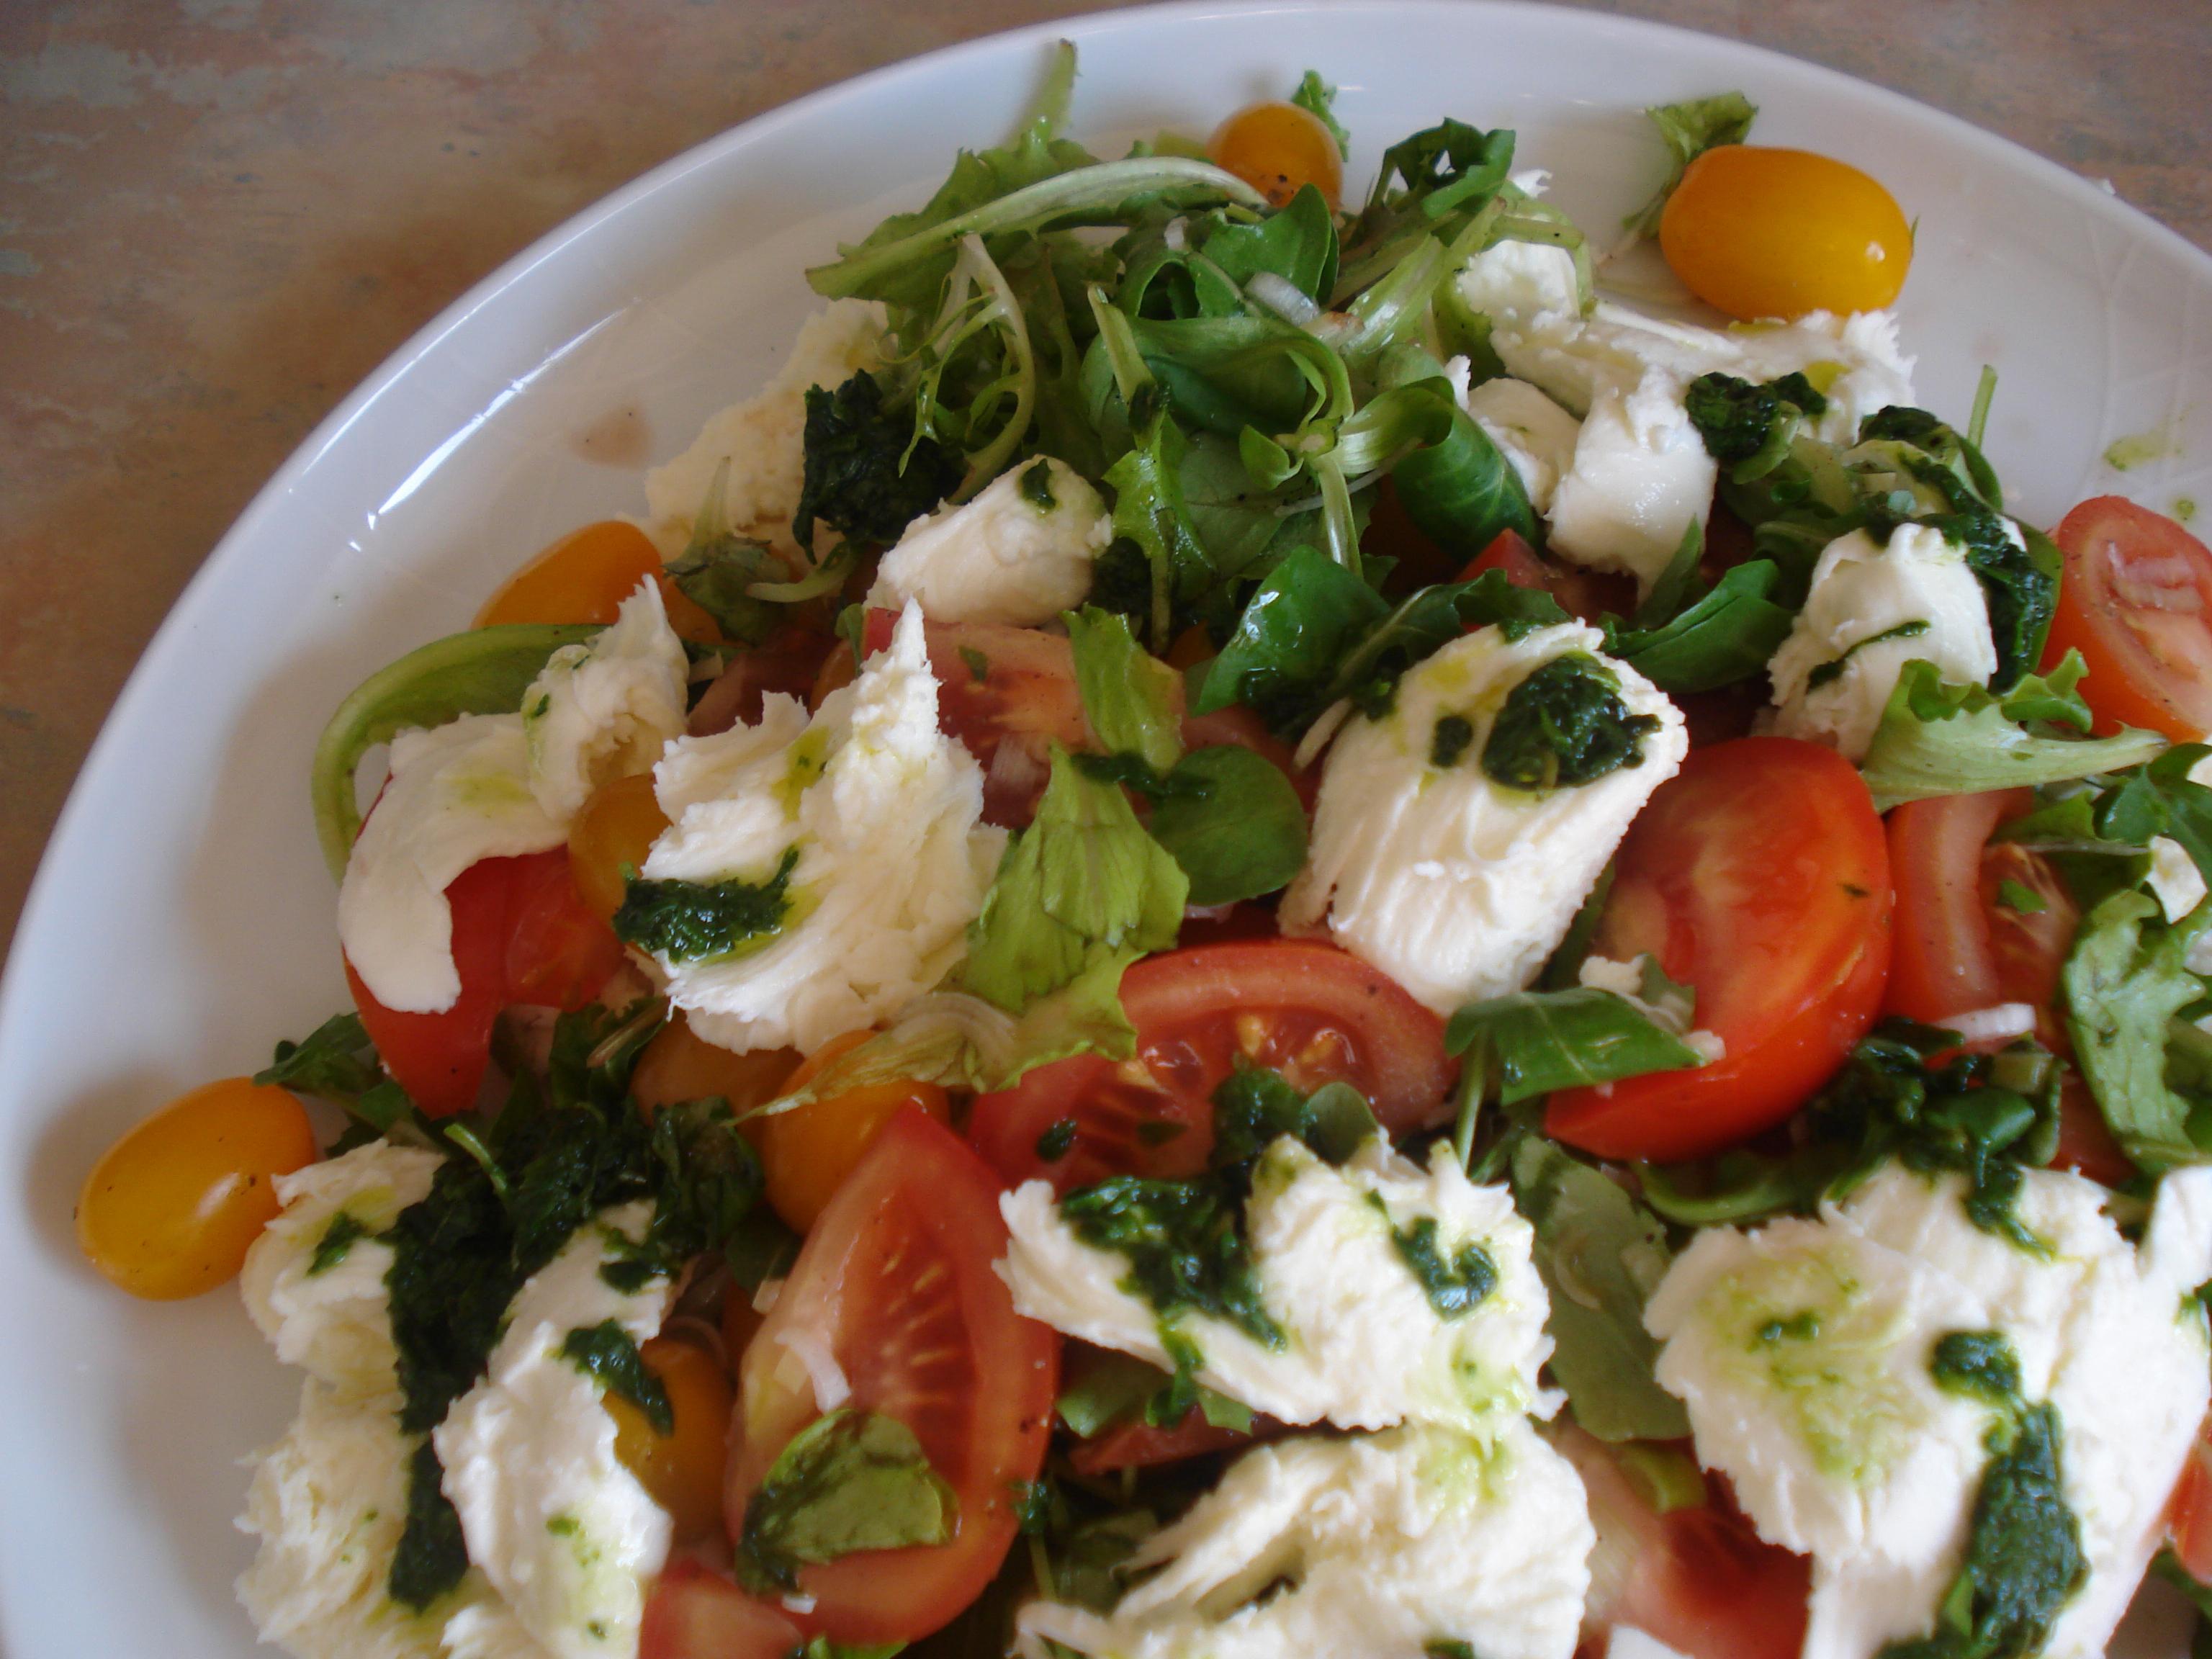 jamie oliver's salad from capri